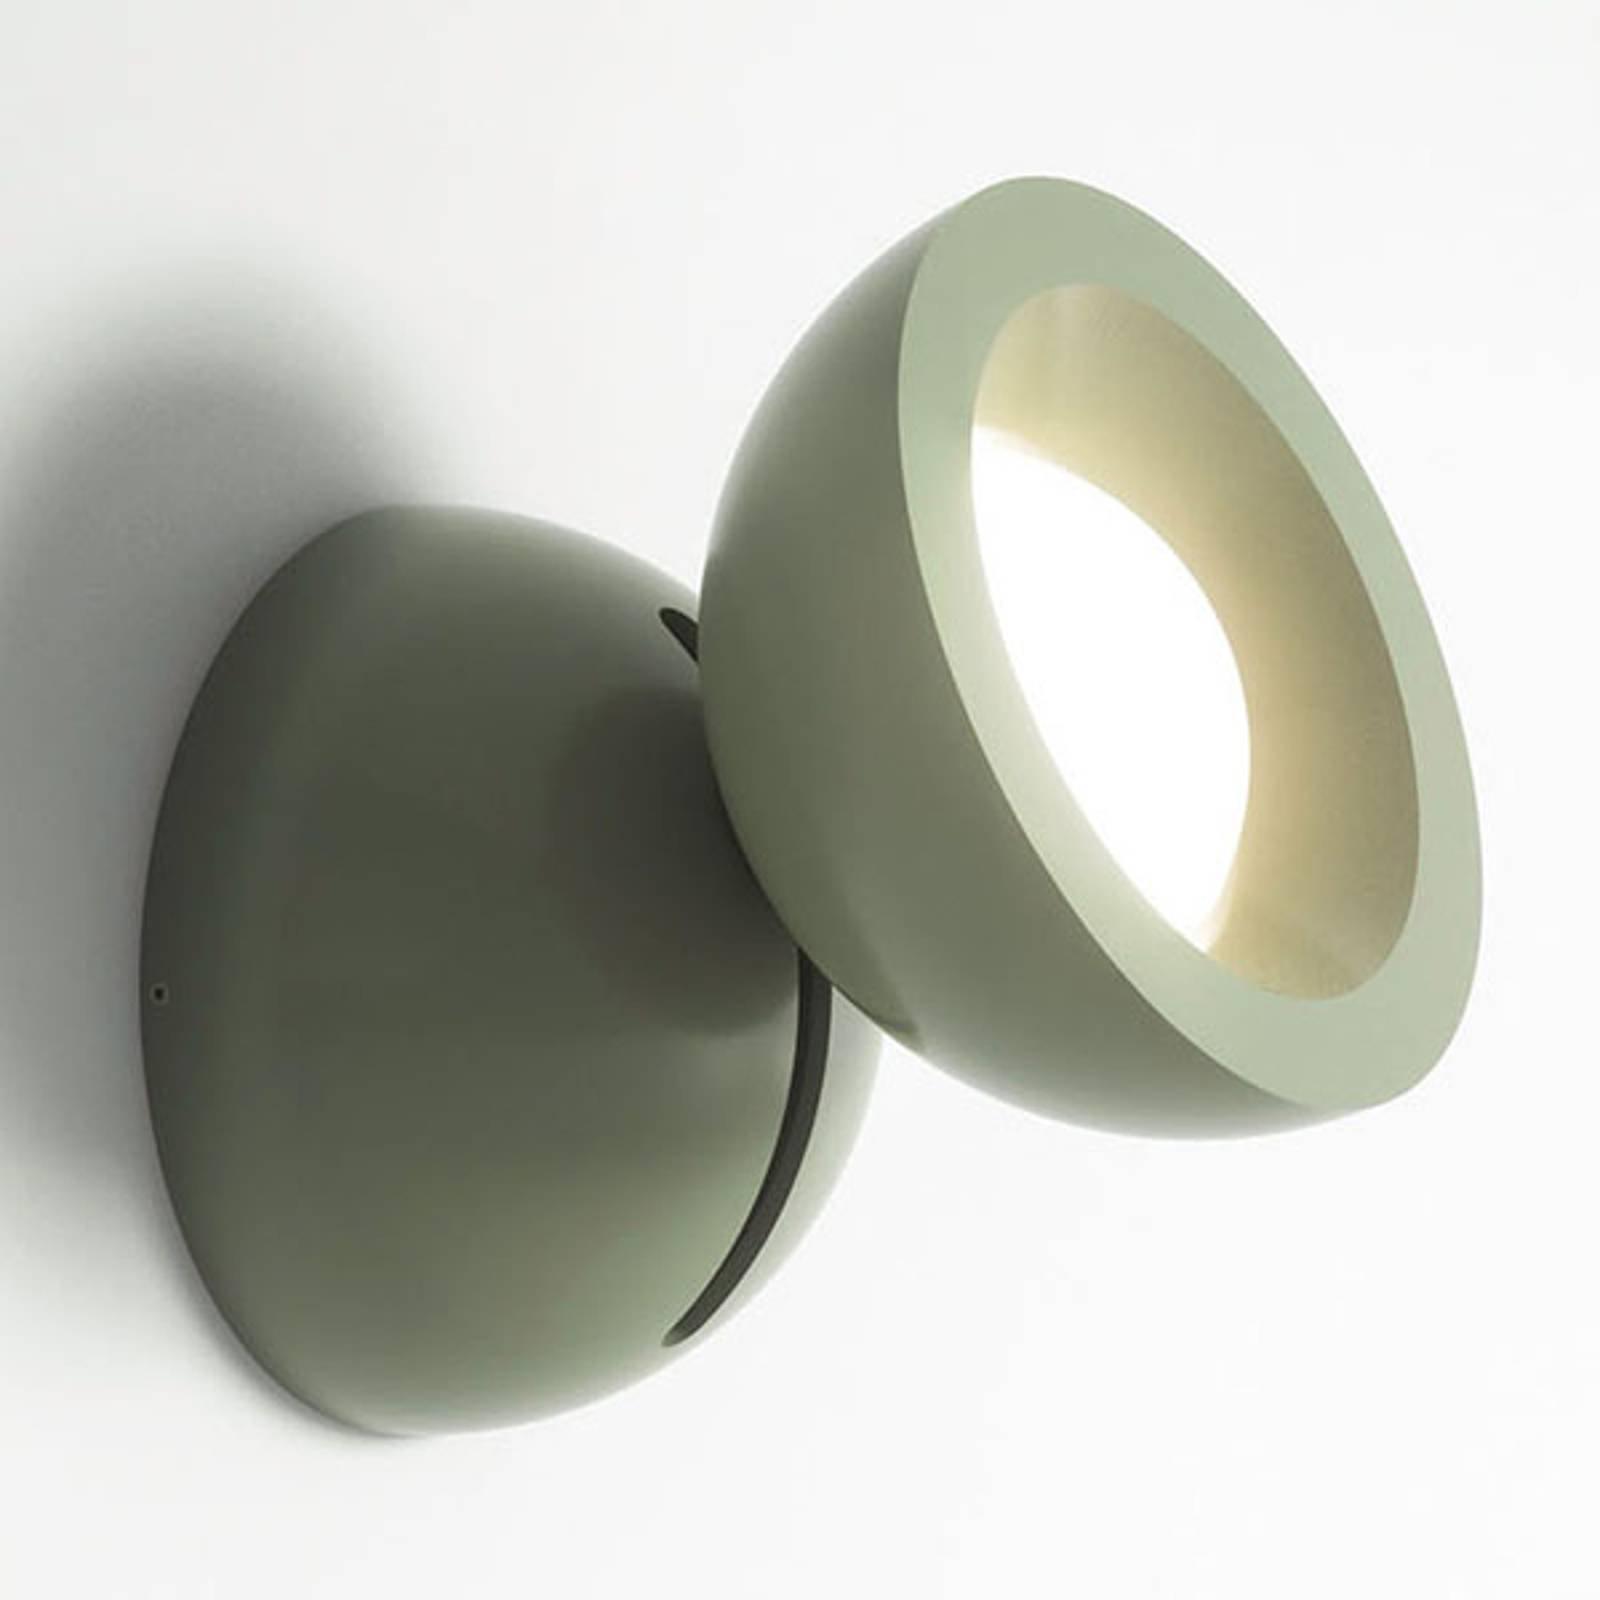 Axolight DoDot LED-vegglampe, grønn 15°